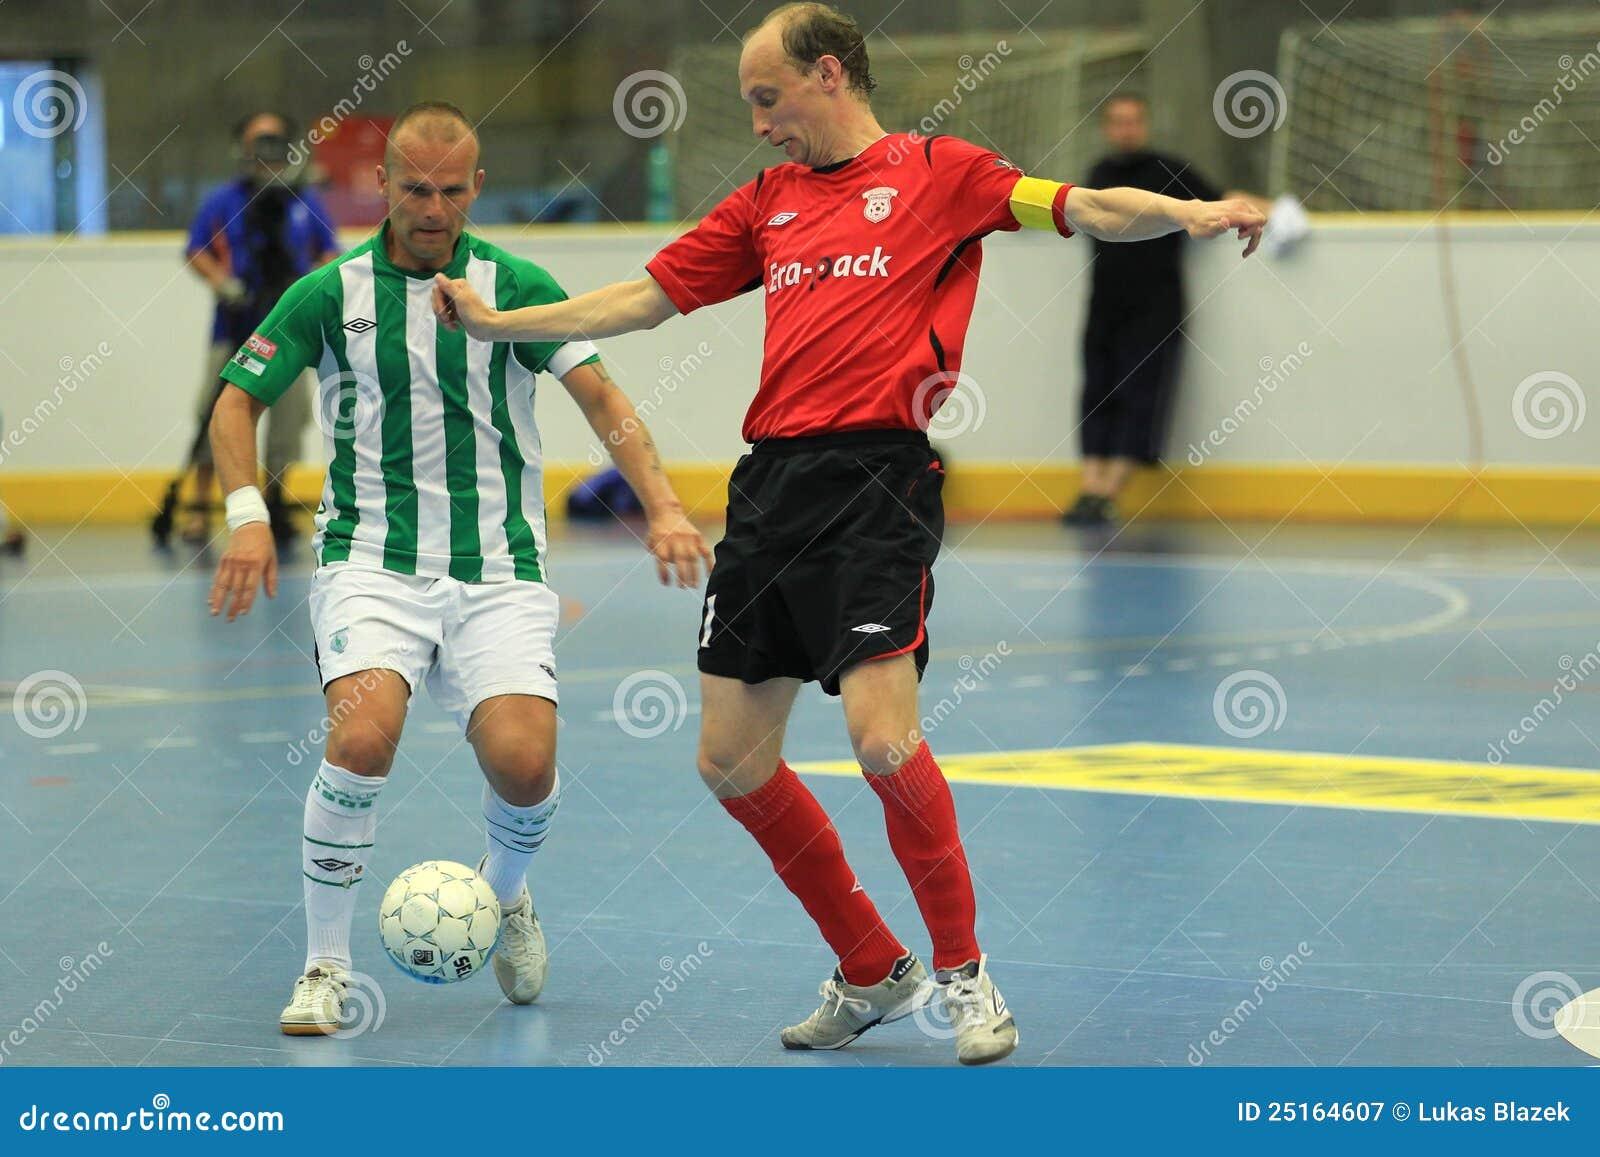 Futsal kopecky vladyka marek petr